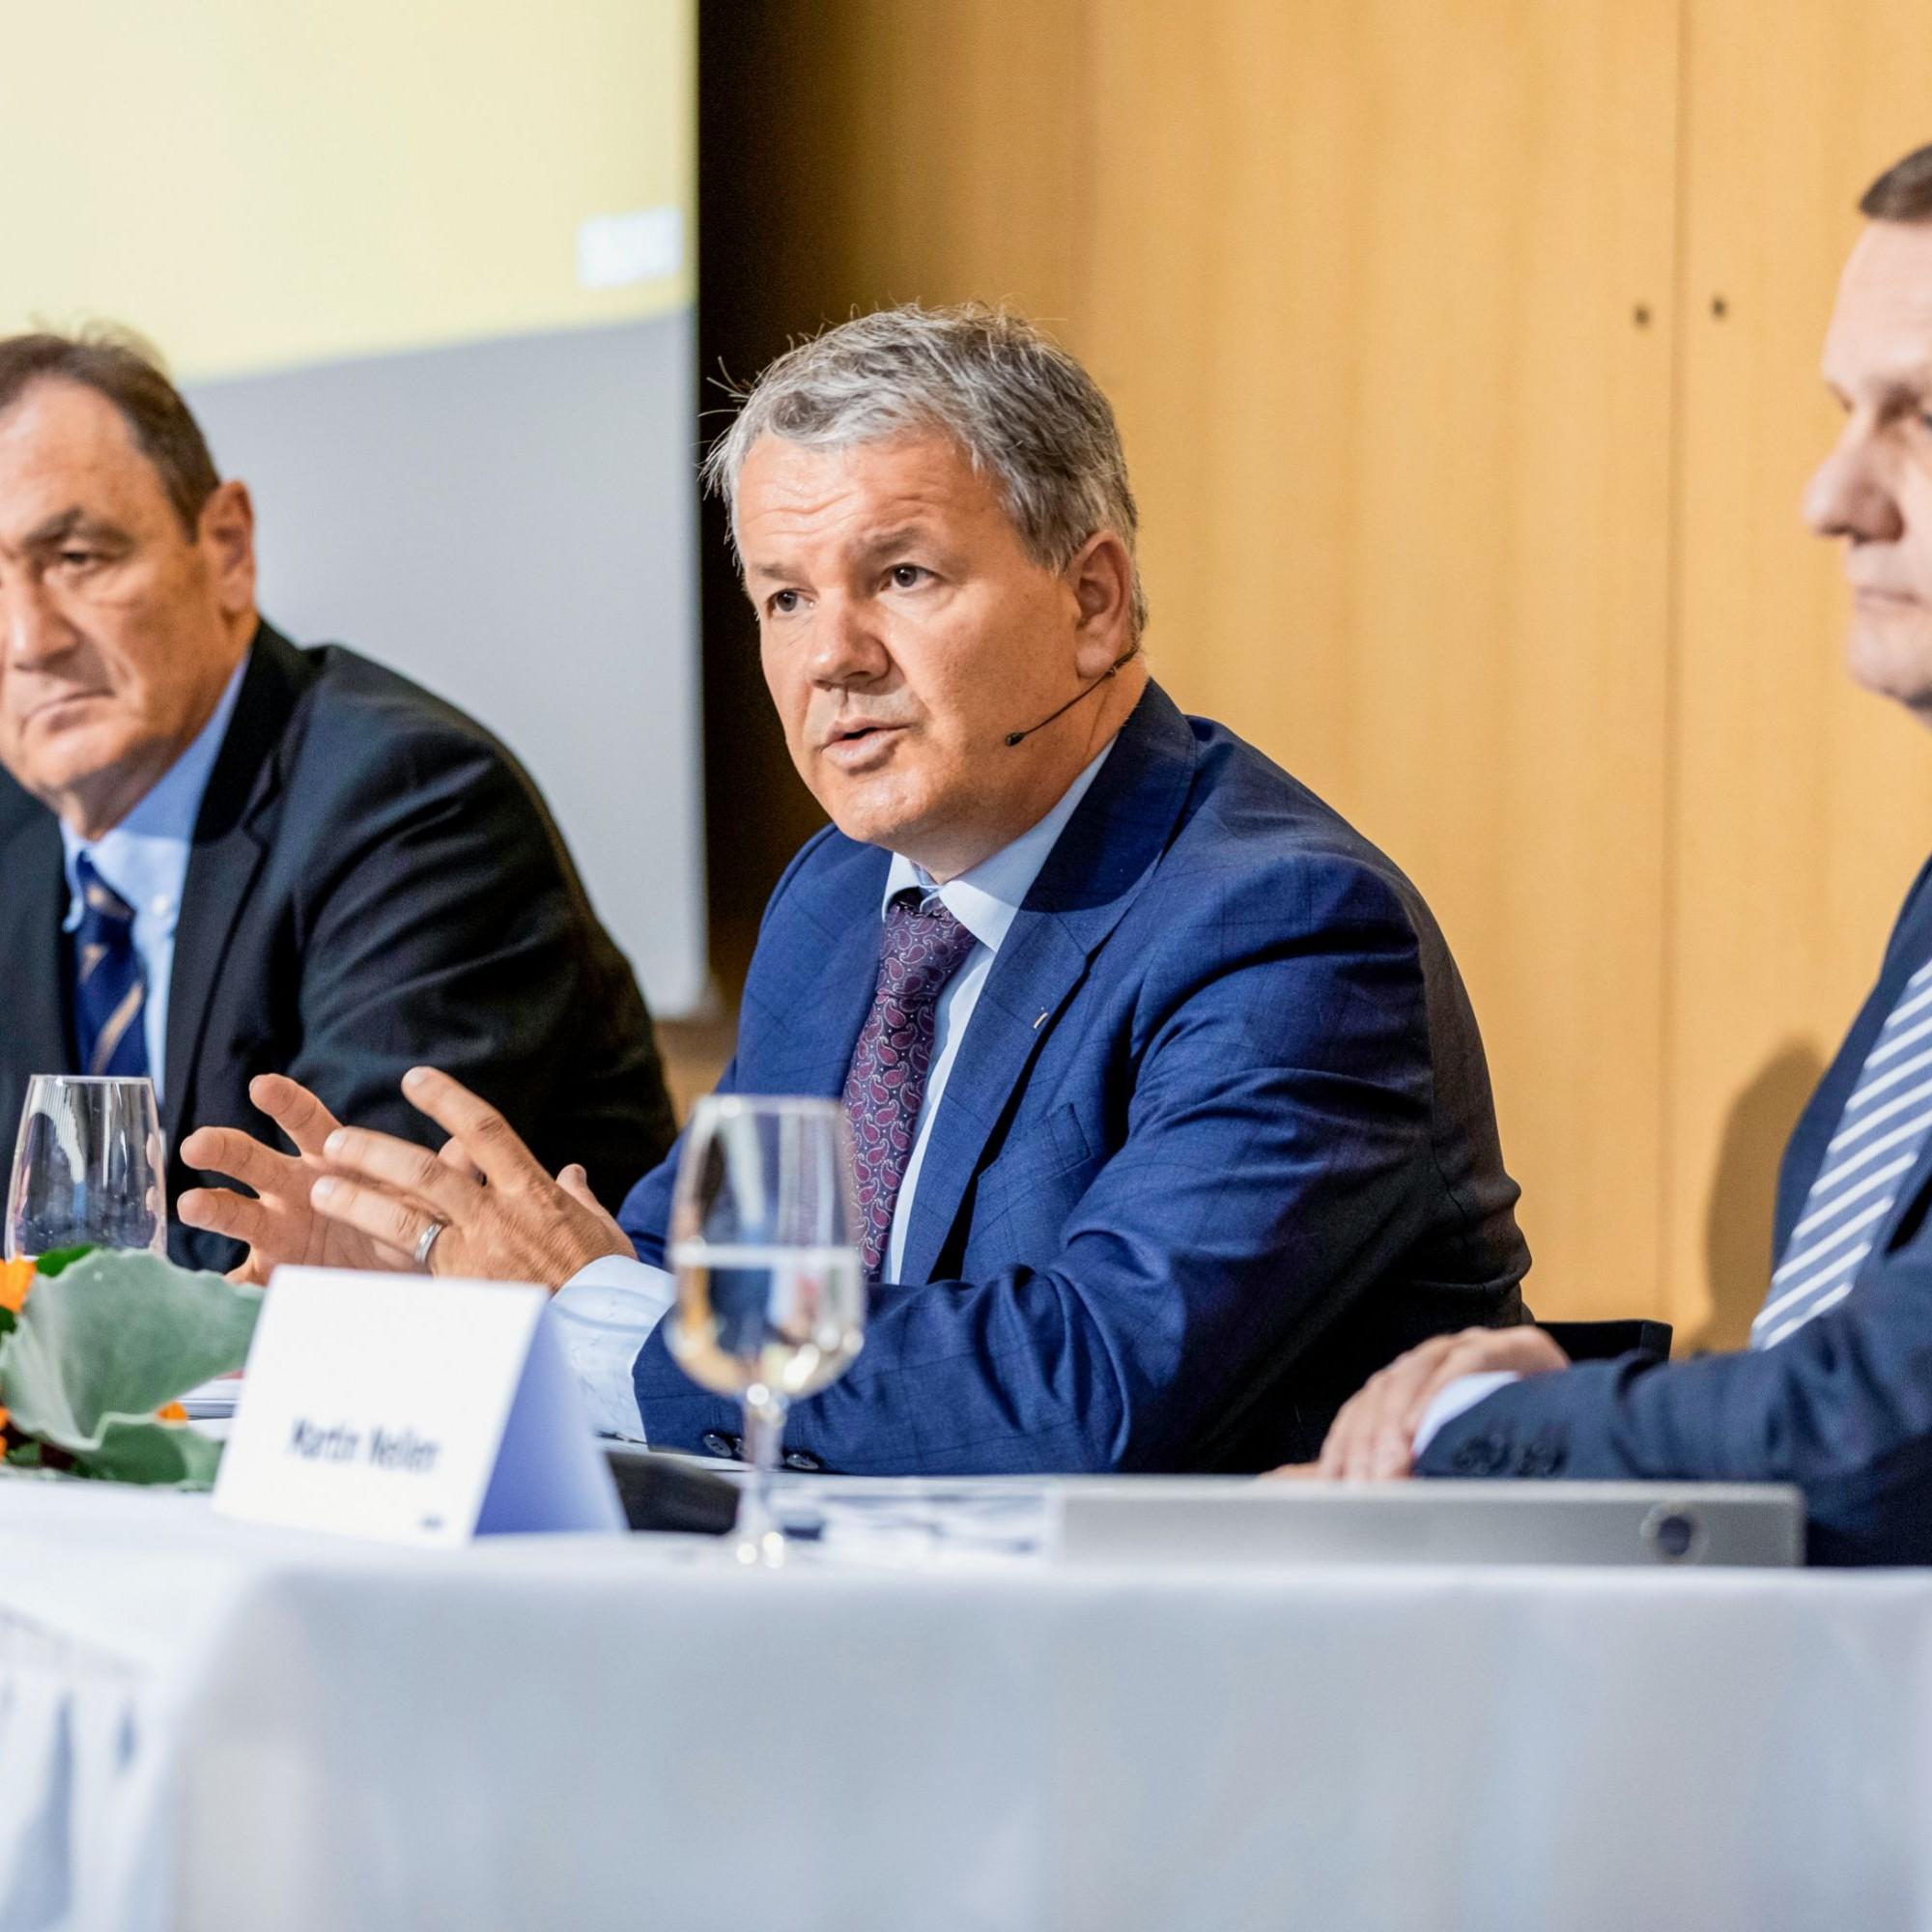 Suva-Spitzen: Gabriele Gendotti, Präsident des Suva-Rats, Finanzchef Ernst Mäder undFelix Weber, Vorsitzender der Geschäftsleitung (von links).